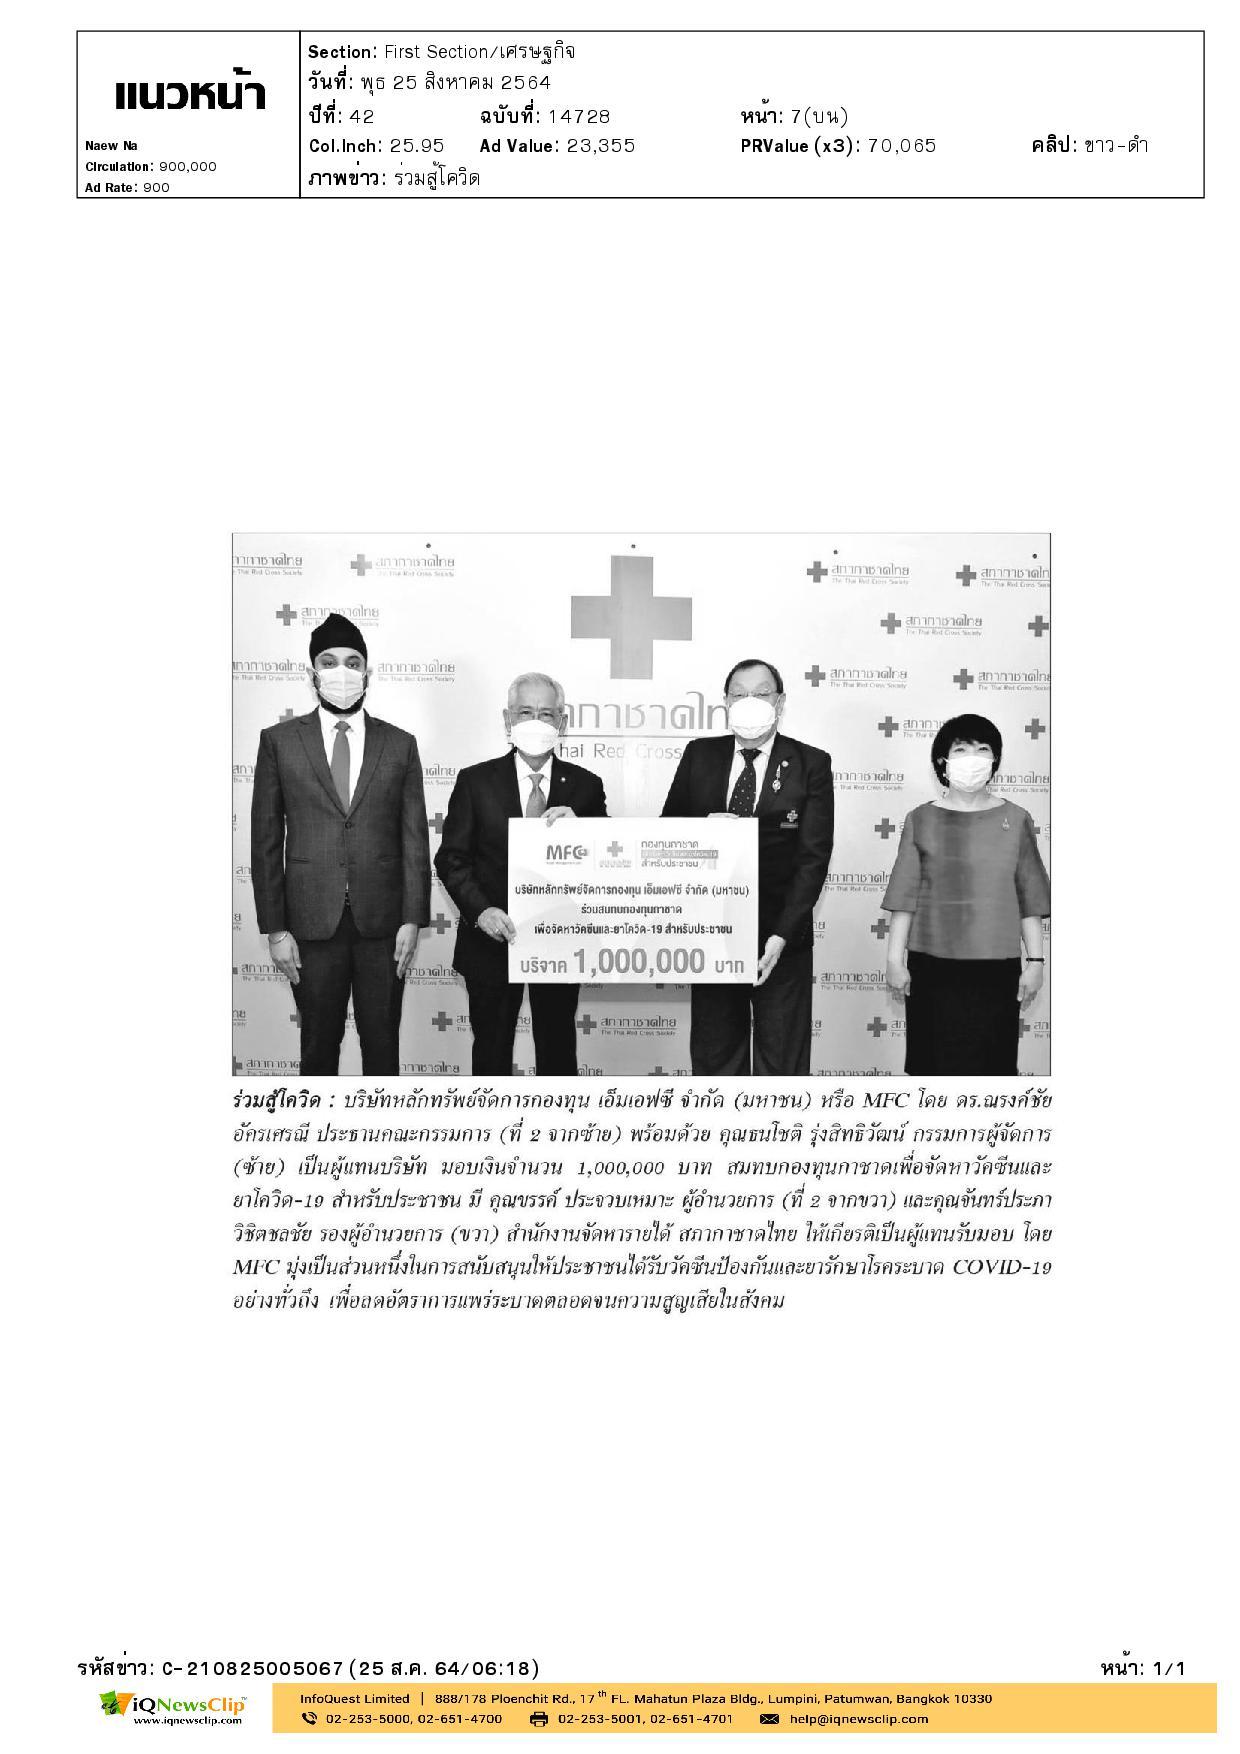 นายขรรค์ ประจวบเหมาะ รับมอบเงิน เพื่อสมทบกองทุนกาชาดเพื่อจัดหาวัคซีนและยาโควิด-19 สำหรับประชาชน